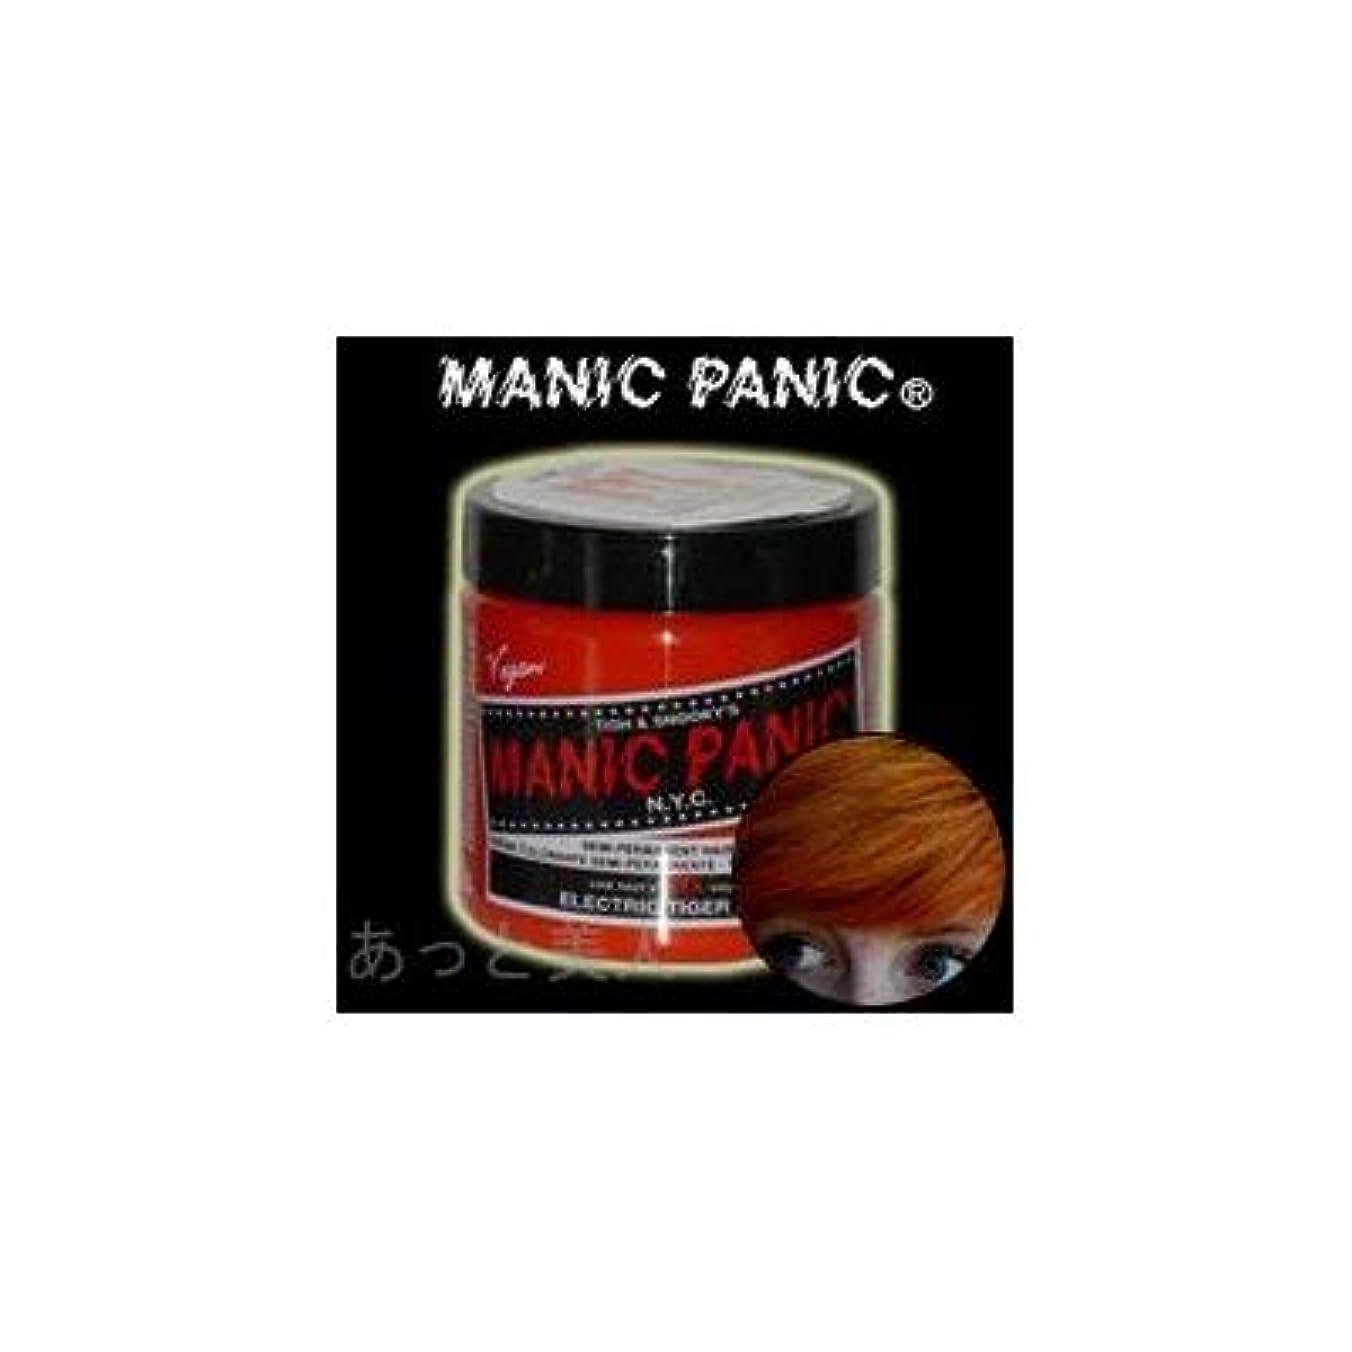 ベンチ骨折アパルMANIC PANICマニックパニック エレクトリックタイガーリリー(Electric Tiger Lily)